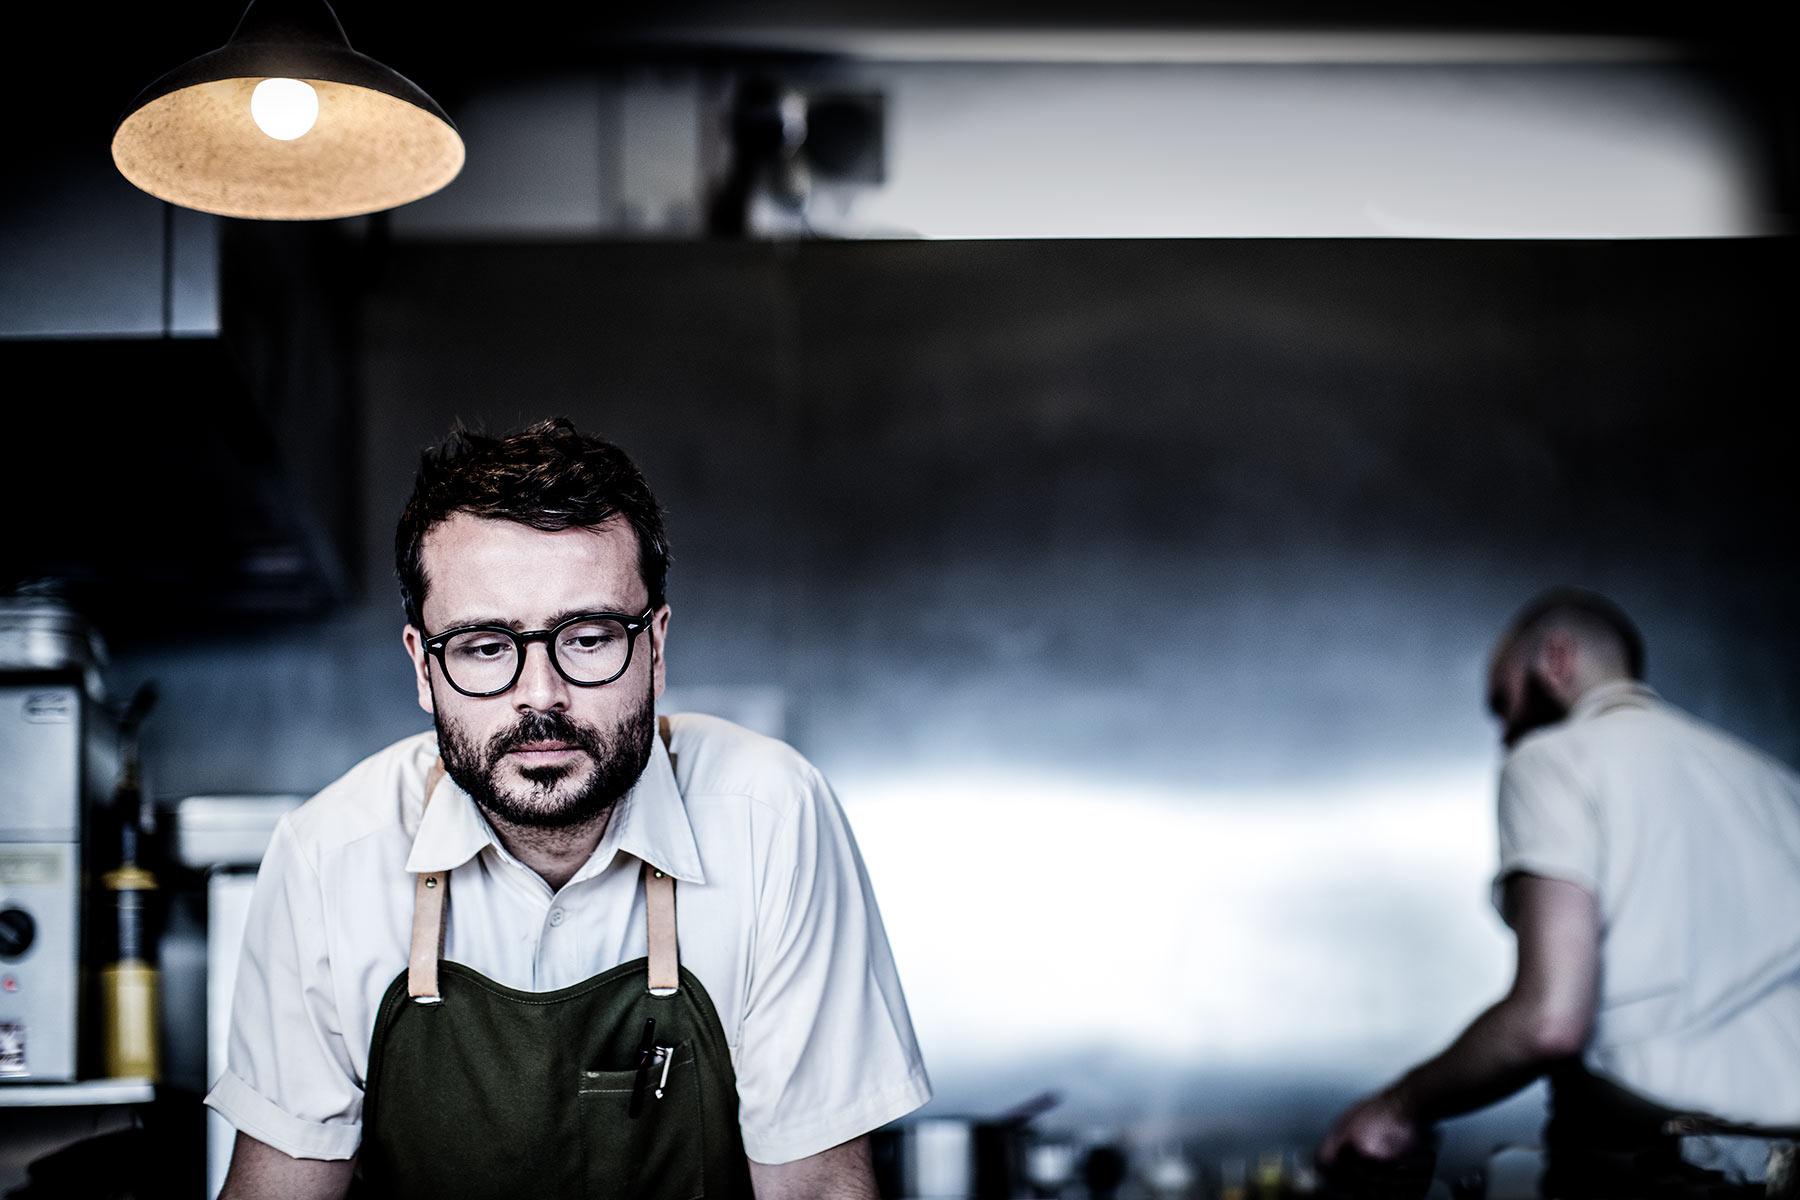 Puglisis Manifest - Heartland Banquet var i 2018 beværtet og kurateret af en af Danmarks dygtigste og mest ambitiøse kokke; Christian F. Puglisi. I den forbindelse skrev han et manifest, om at skabe en moderne fødevareverden.